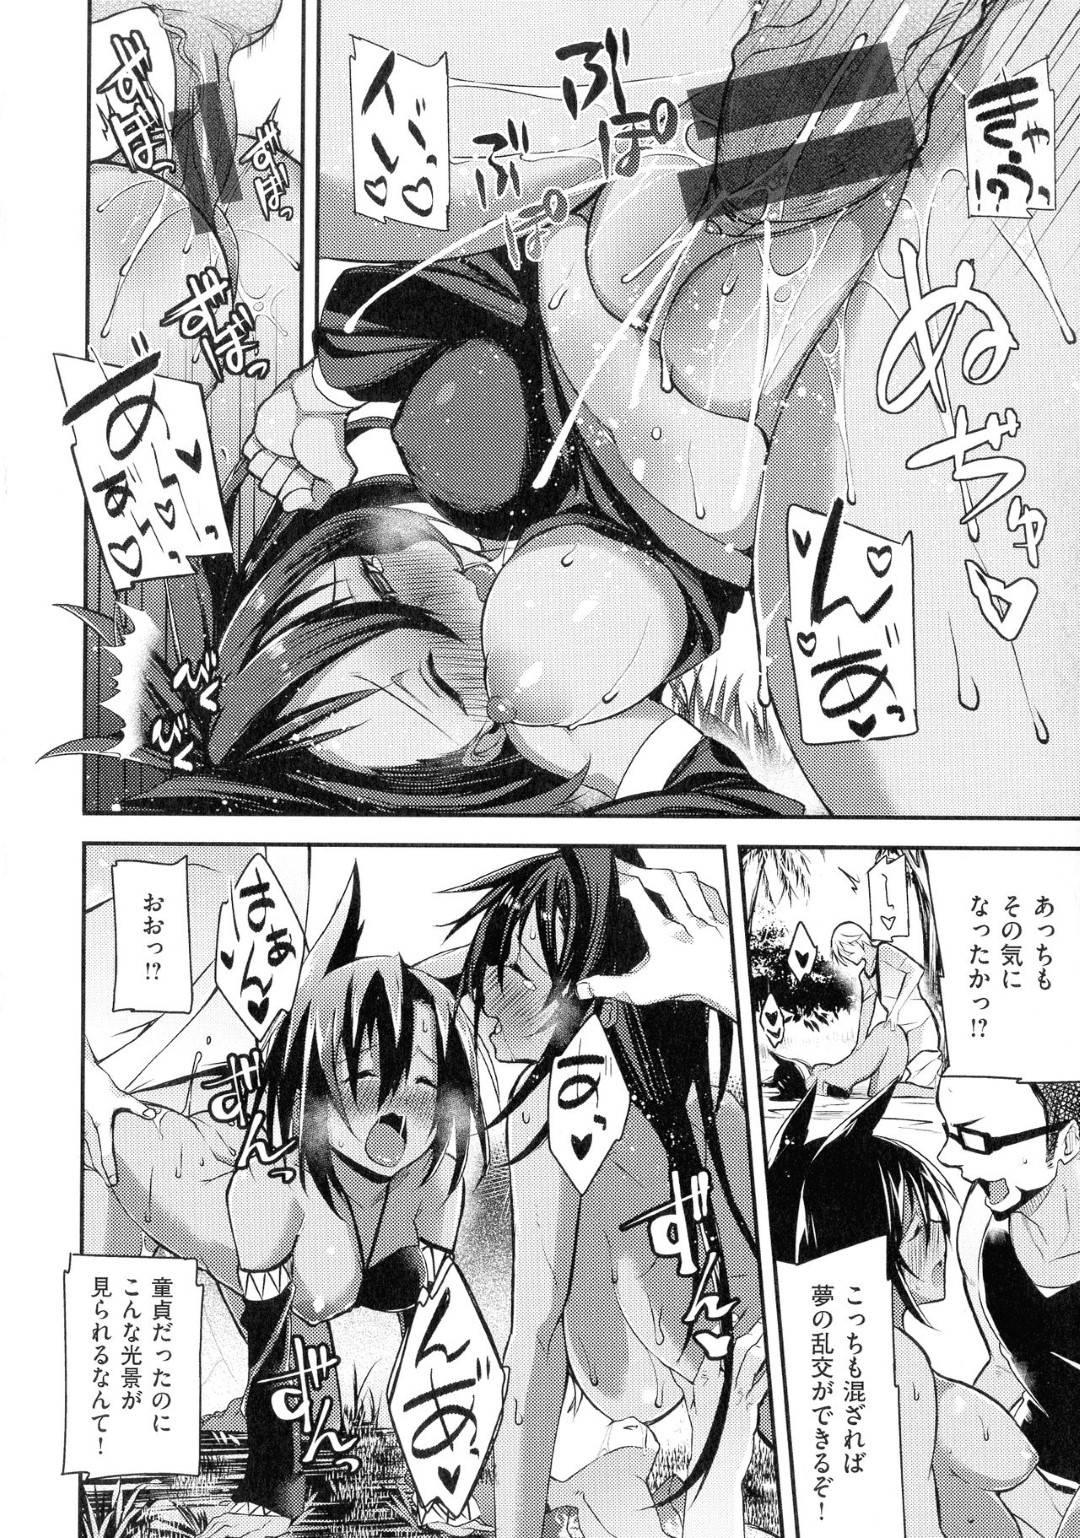 【エロ漫画】媚薬の影響で発情状態になってよそ者である主人公に強引にエッチな事をしかける褐色島娘…戸惑う彼にフェラやパイズリをした後、バックでそのまま中出しセックスさせる。【Shingo.:南国パッション】